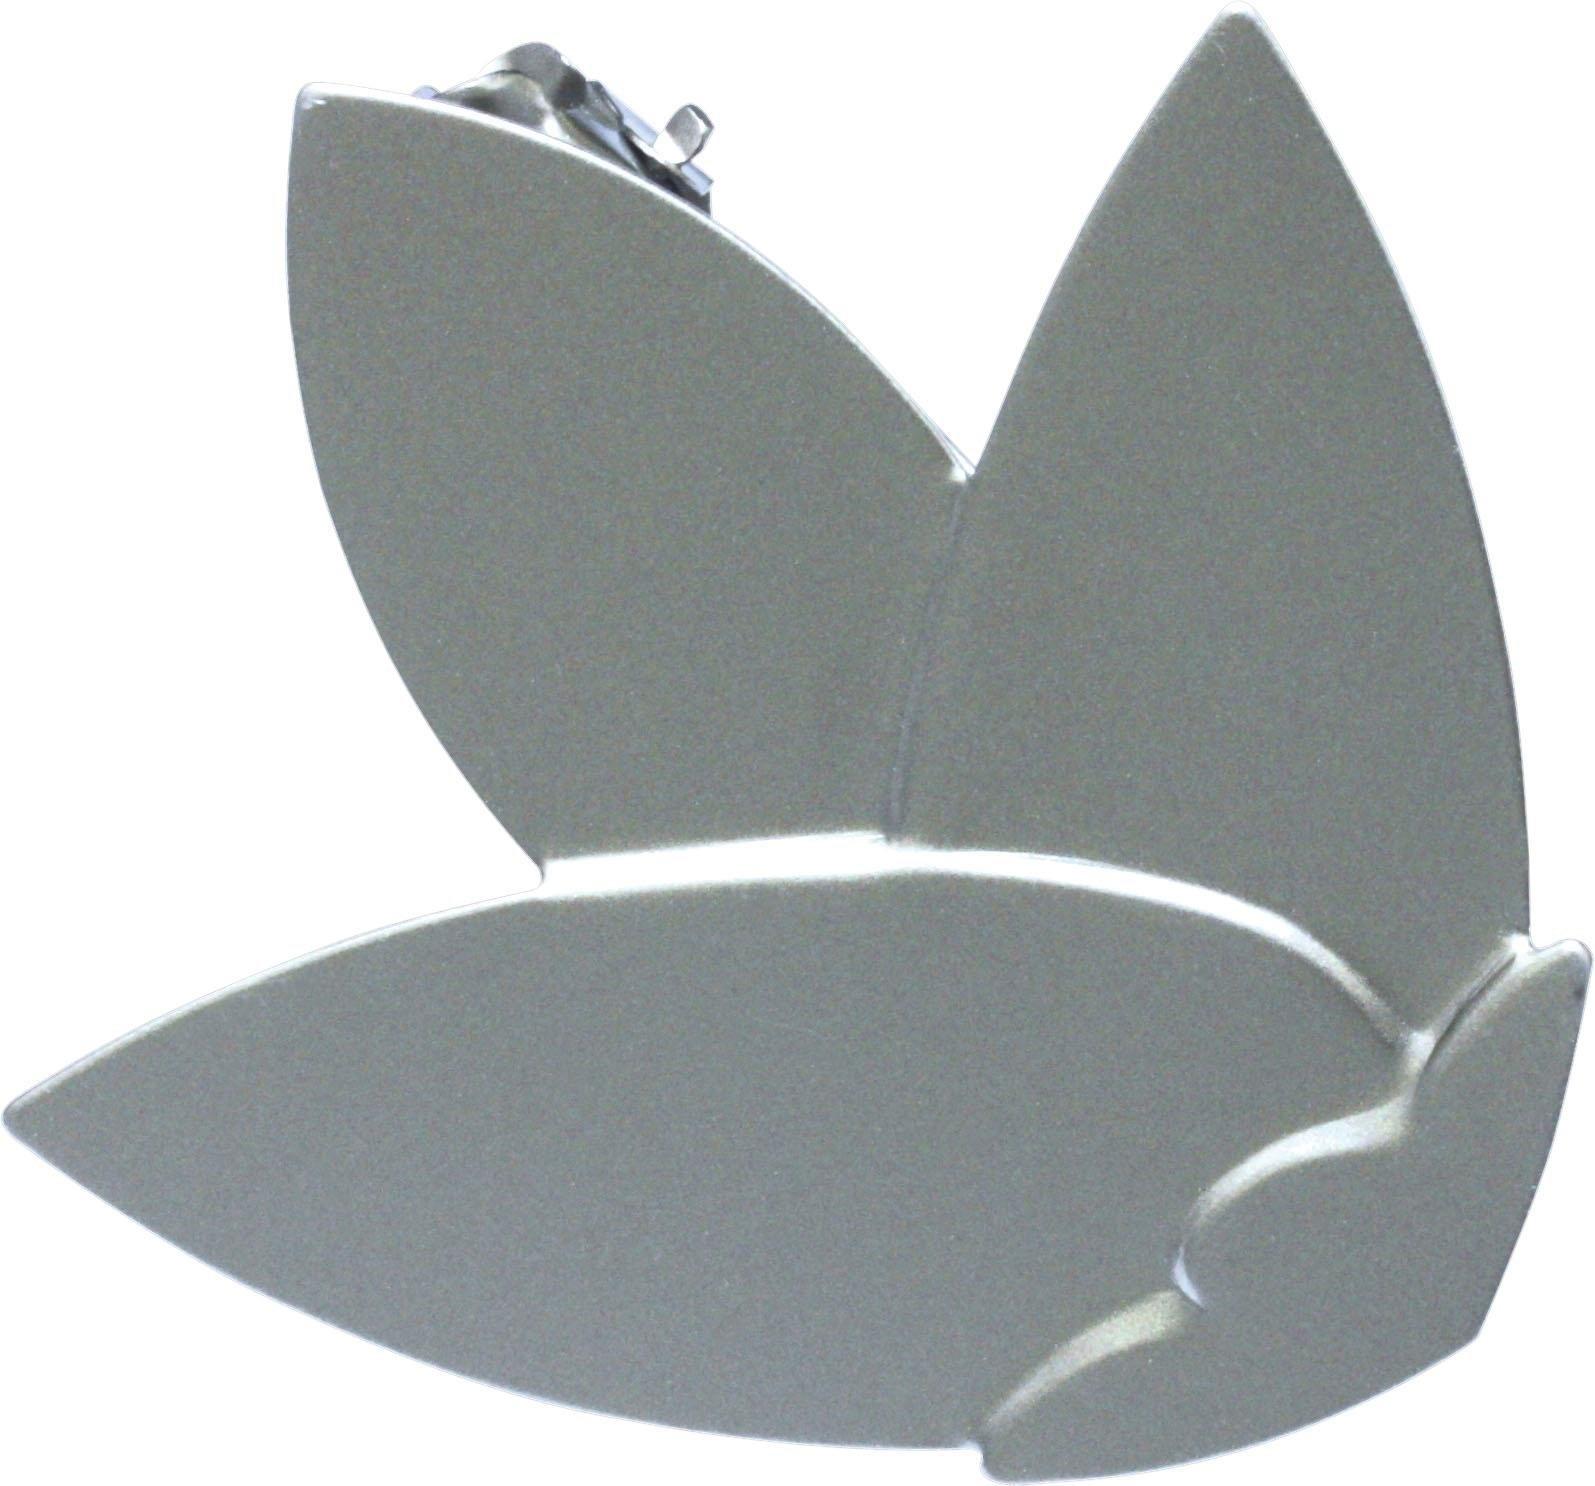 GARDINIA deco-klem Flower (1 stuk) voordelig en veilig online kopen